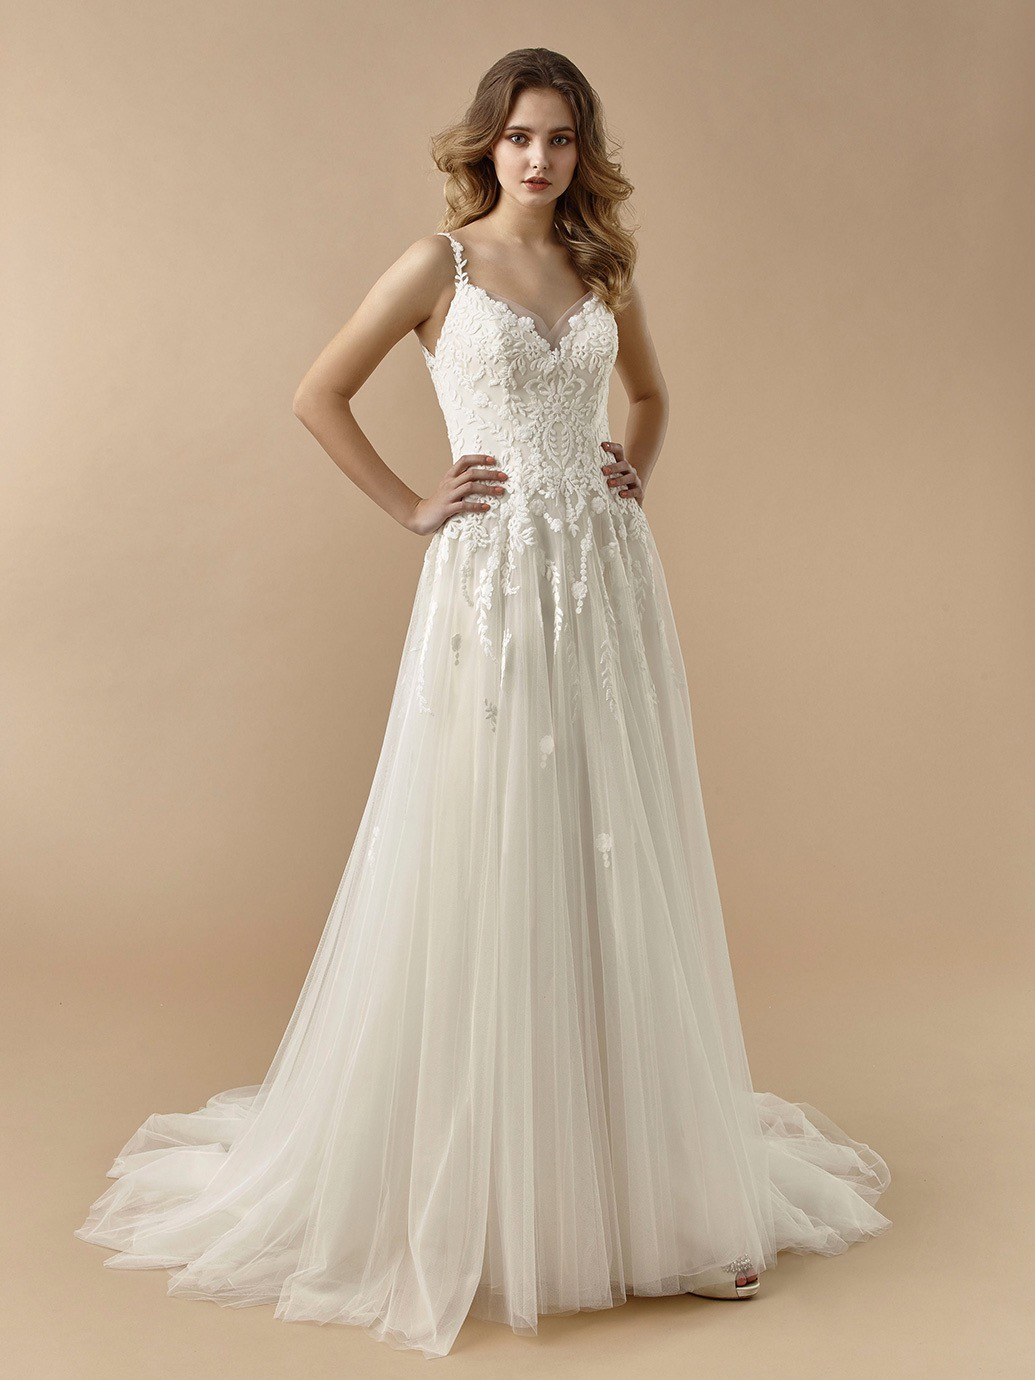 Brautkleid im Prinzess-Stil mit Tüllrock, bestickter